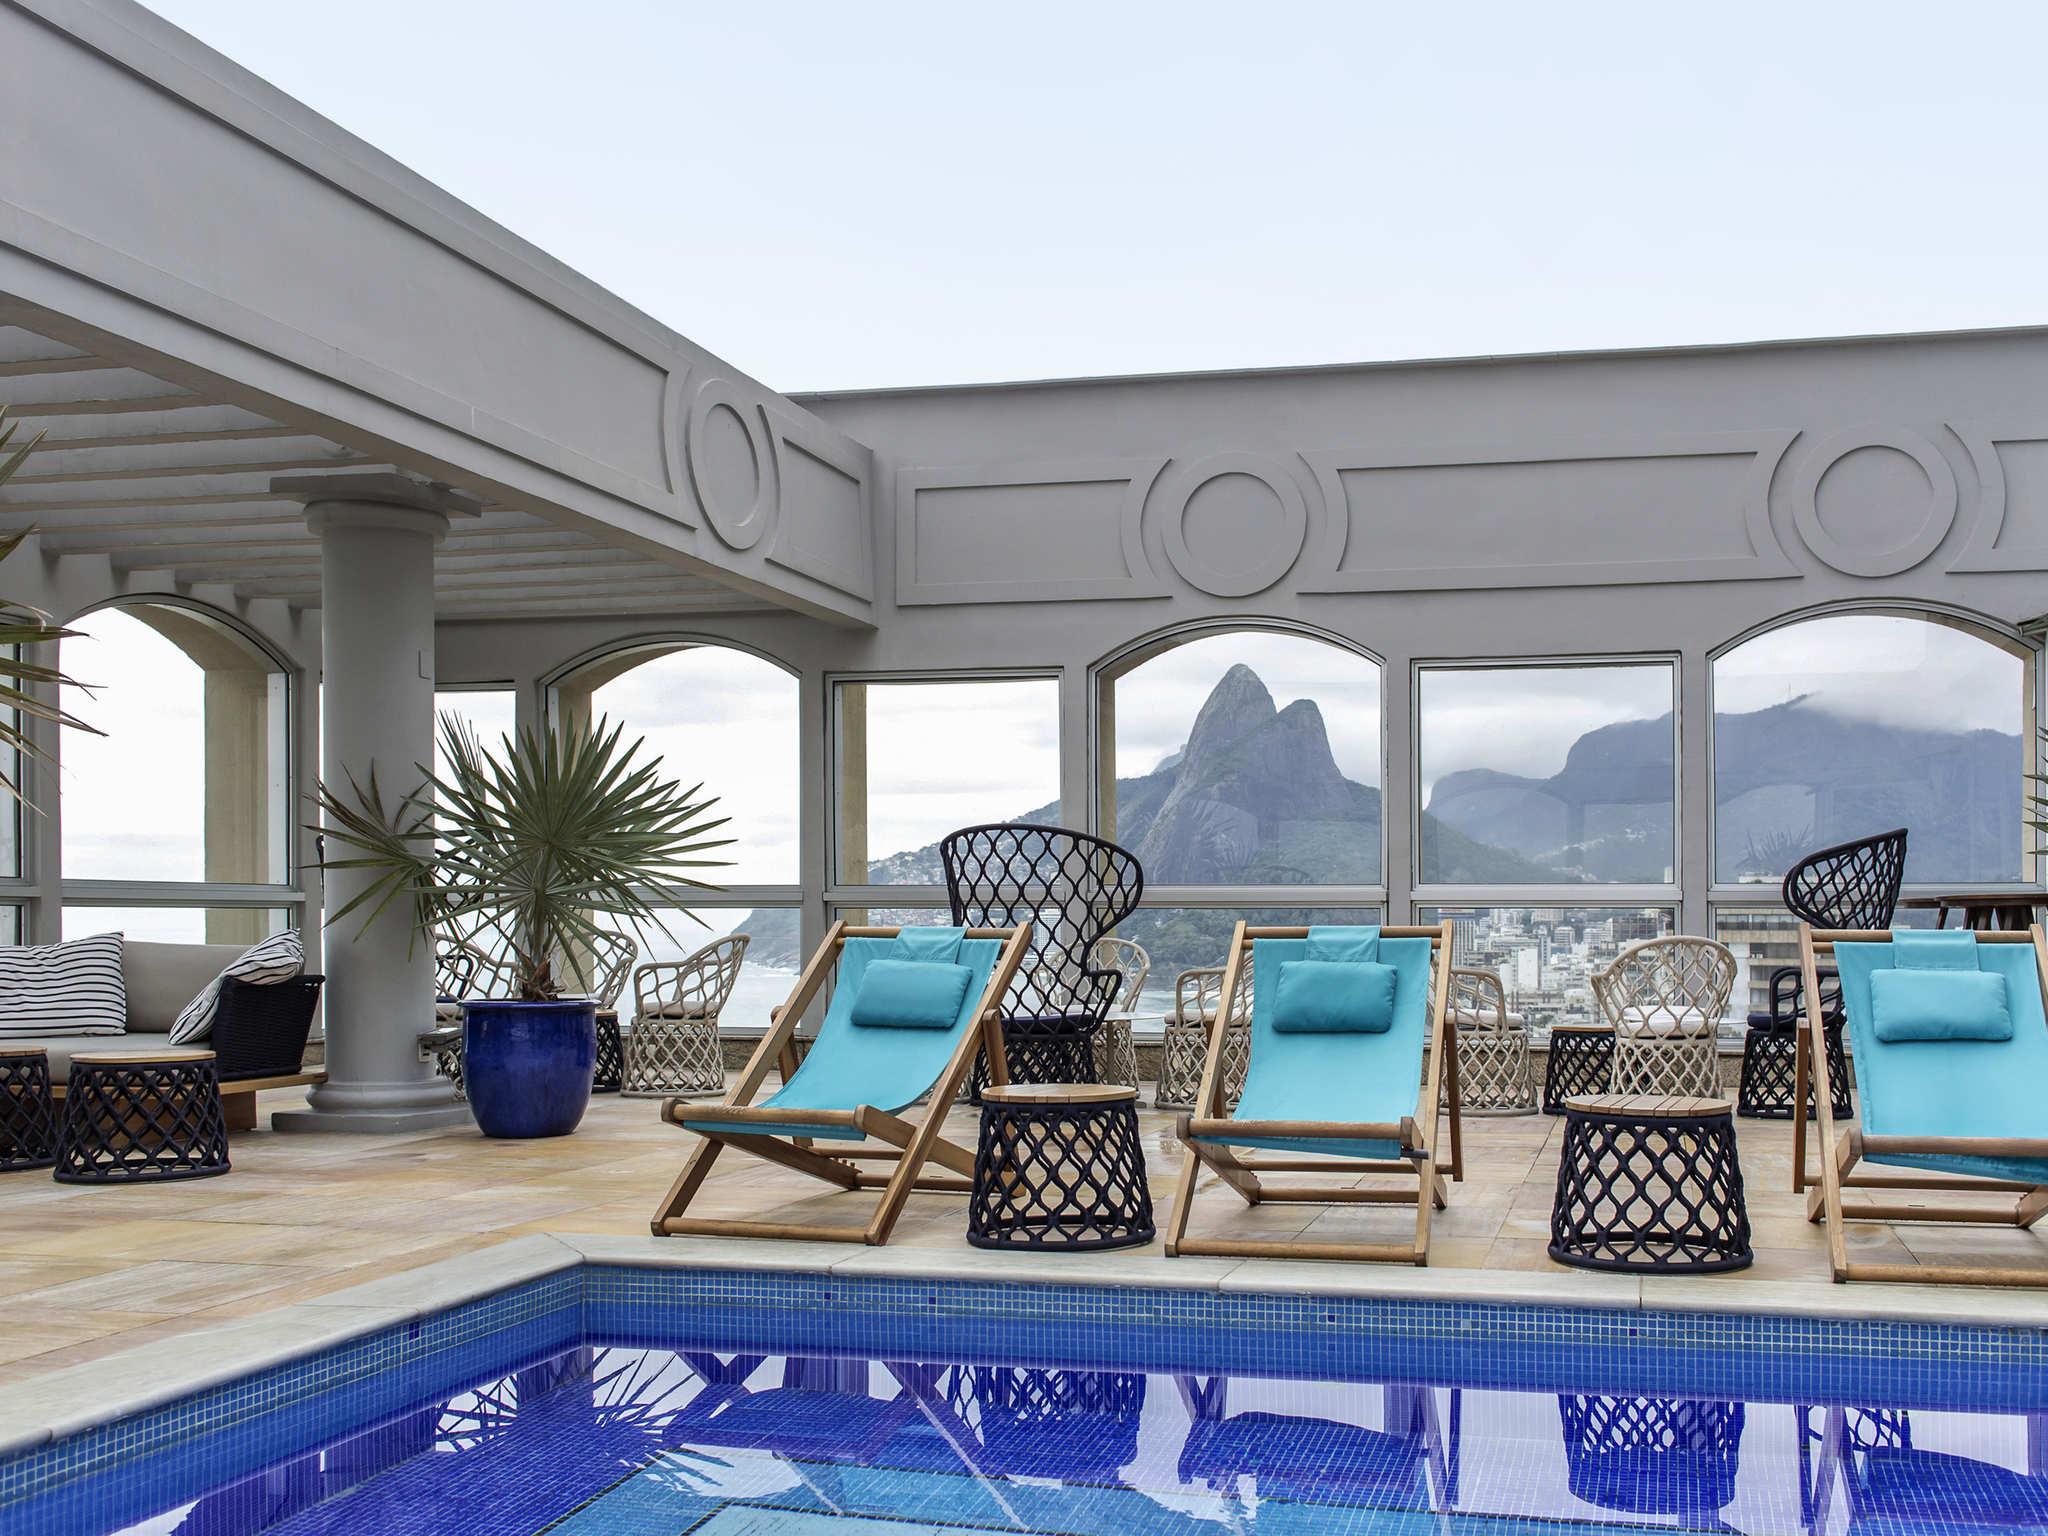 โรงแรม – Sofitel Rio de Janeiro Ipanema